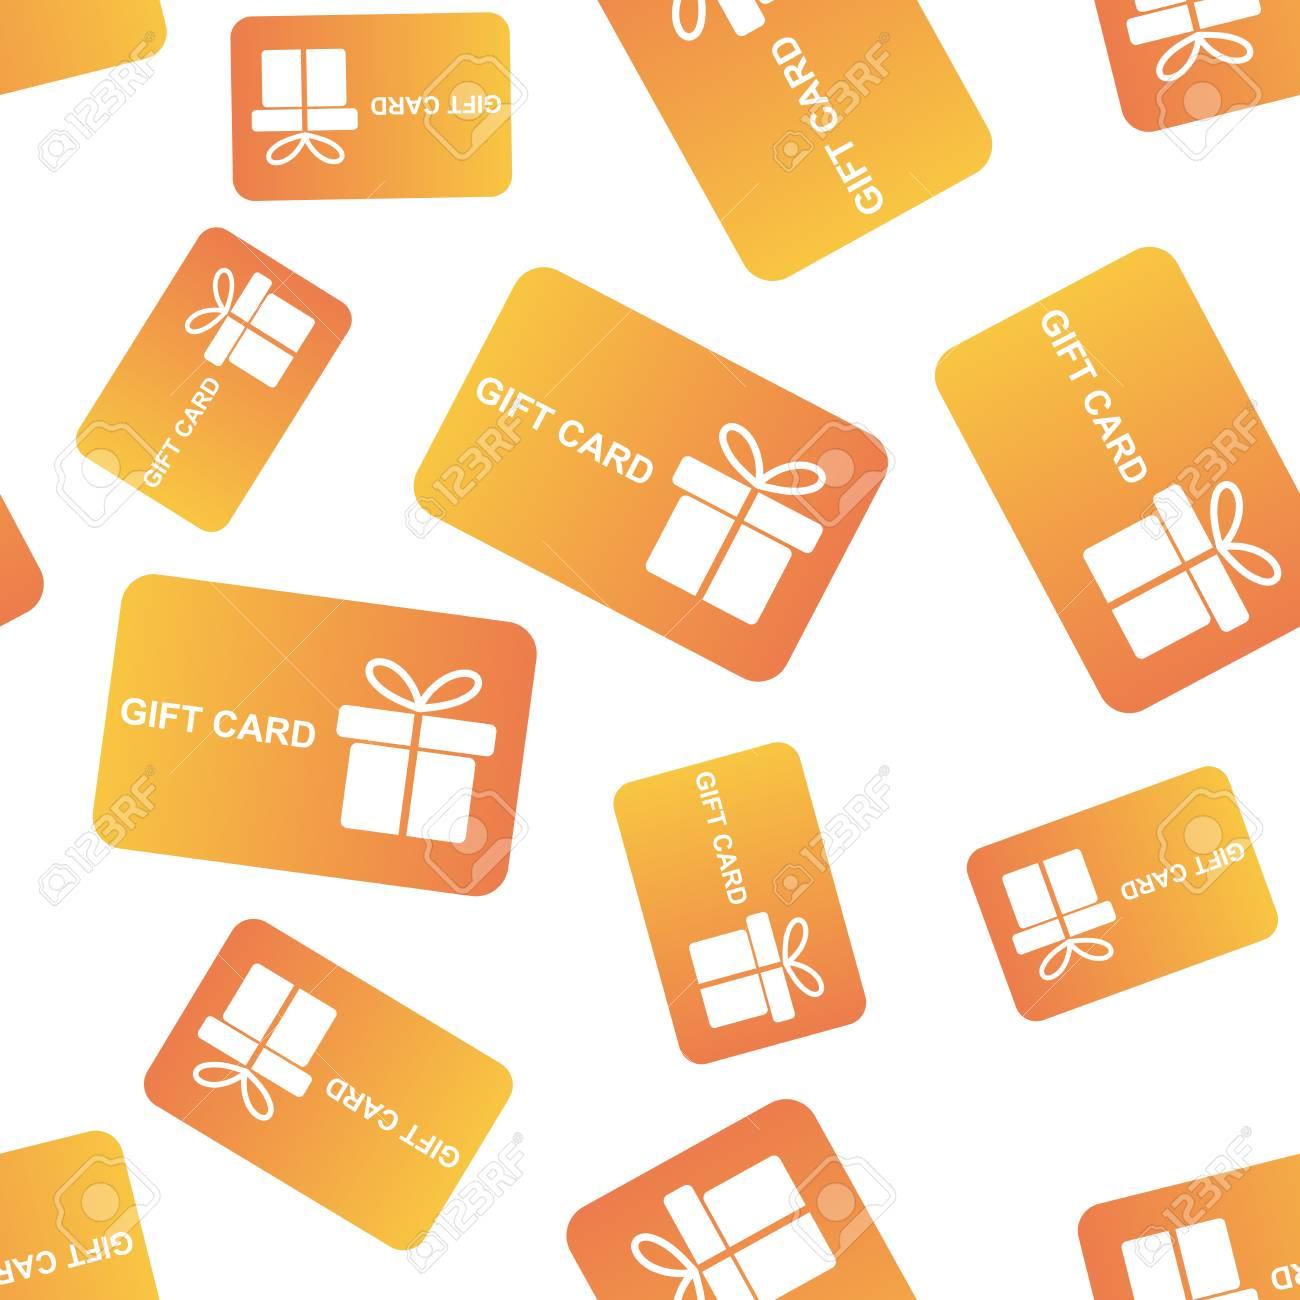 Carte Cadeau Entreprise.Carte Cadeau Modele Sans Couture Illustration De Vecteur De L 39 Entreprise De Demarrage Modele De Signe De Mot De Passe De Demarrage